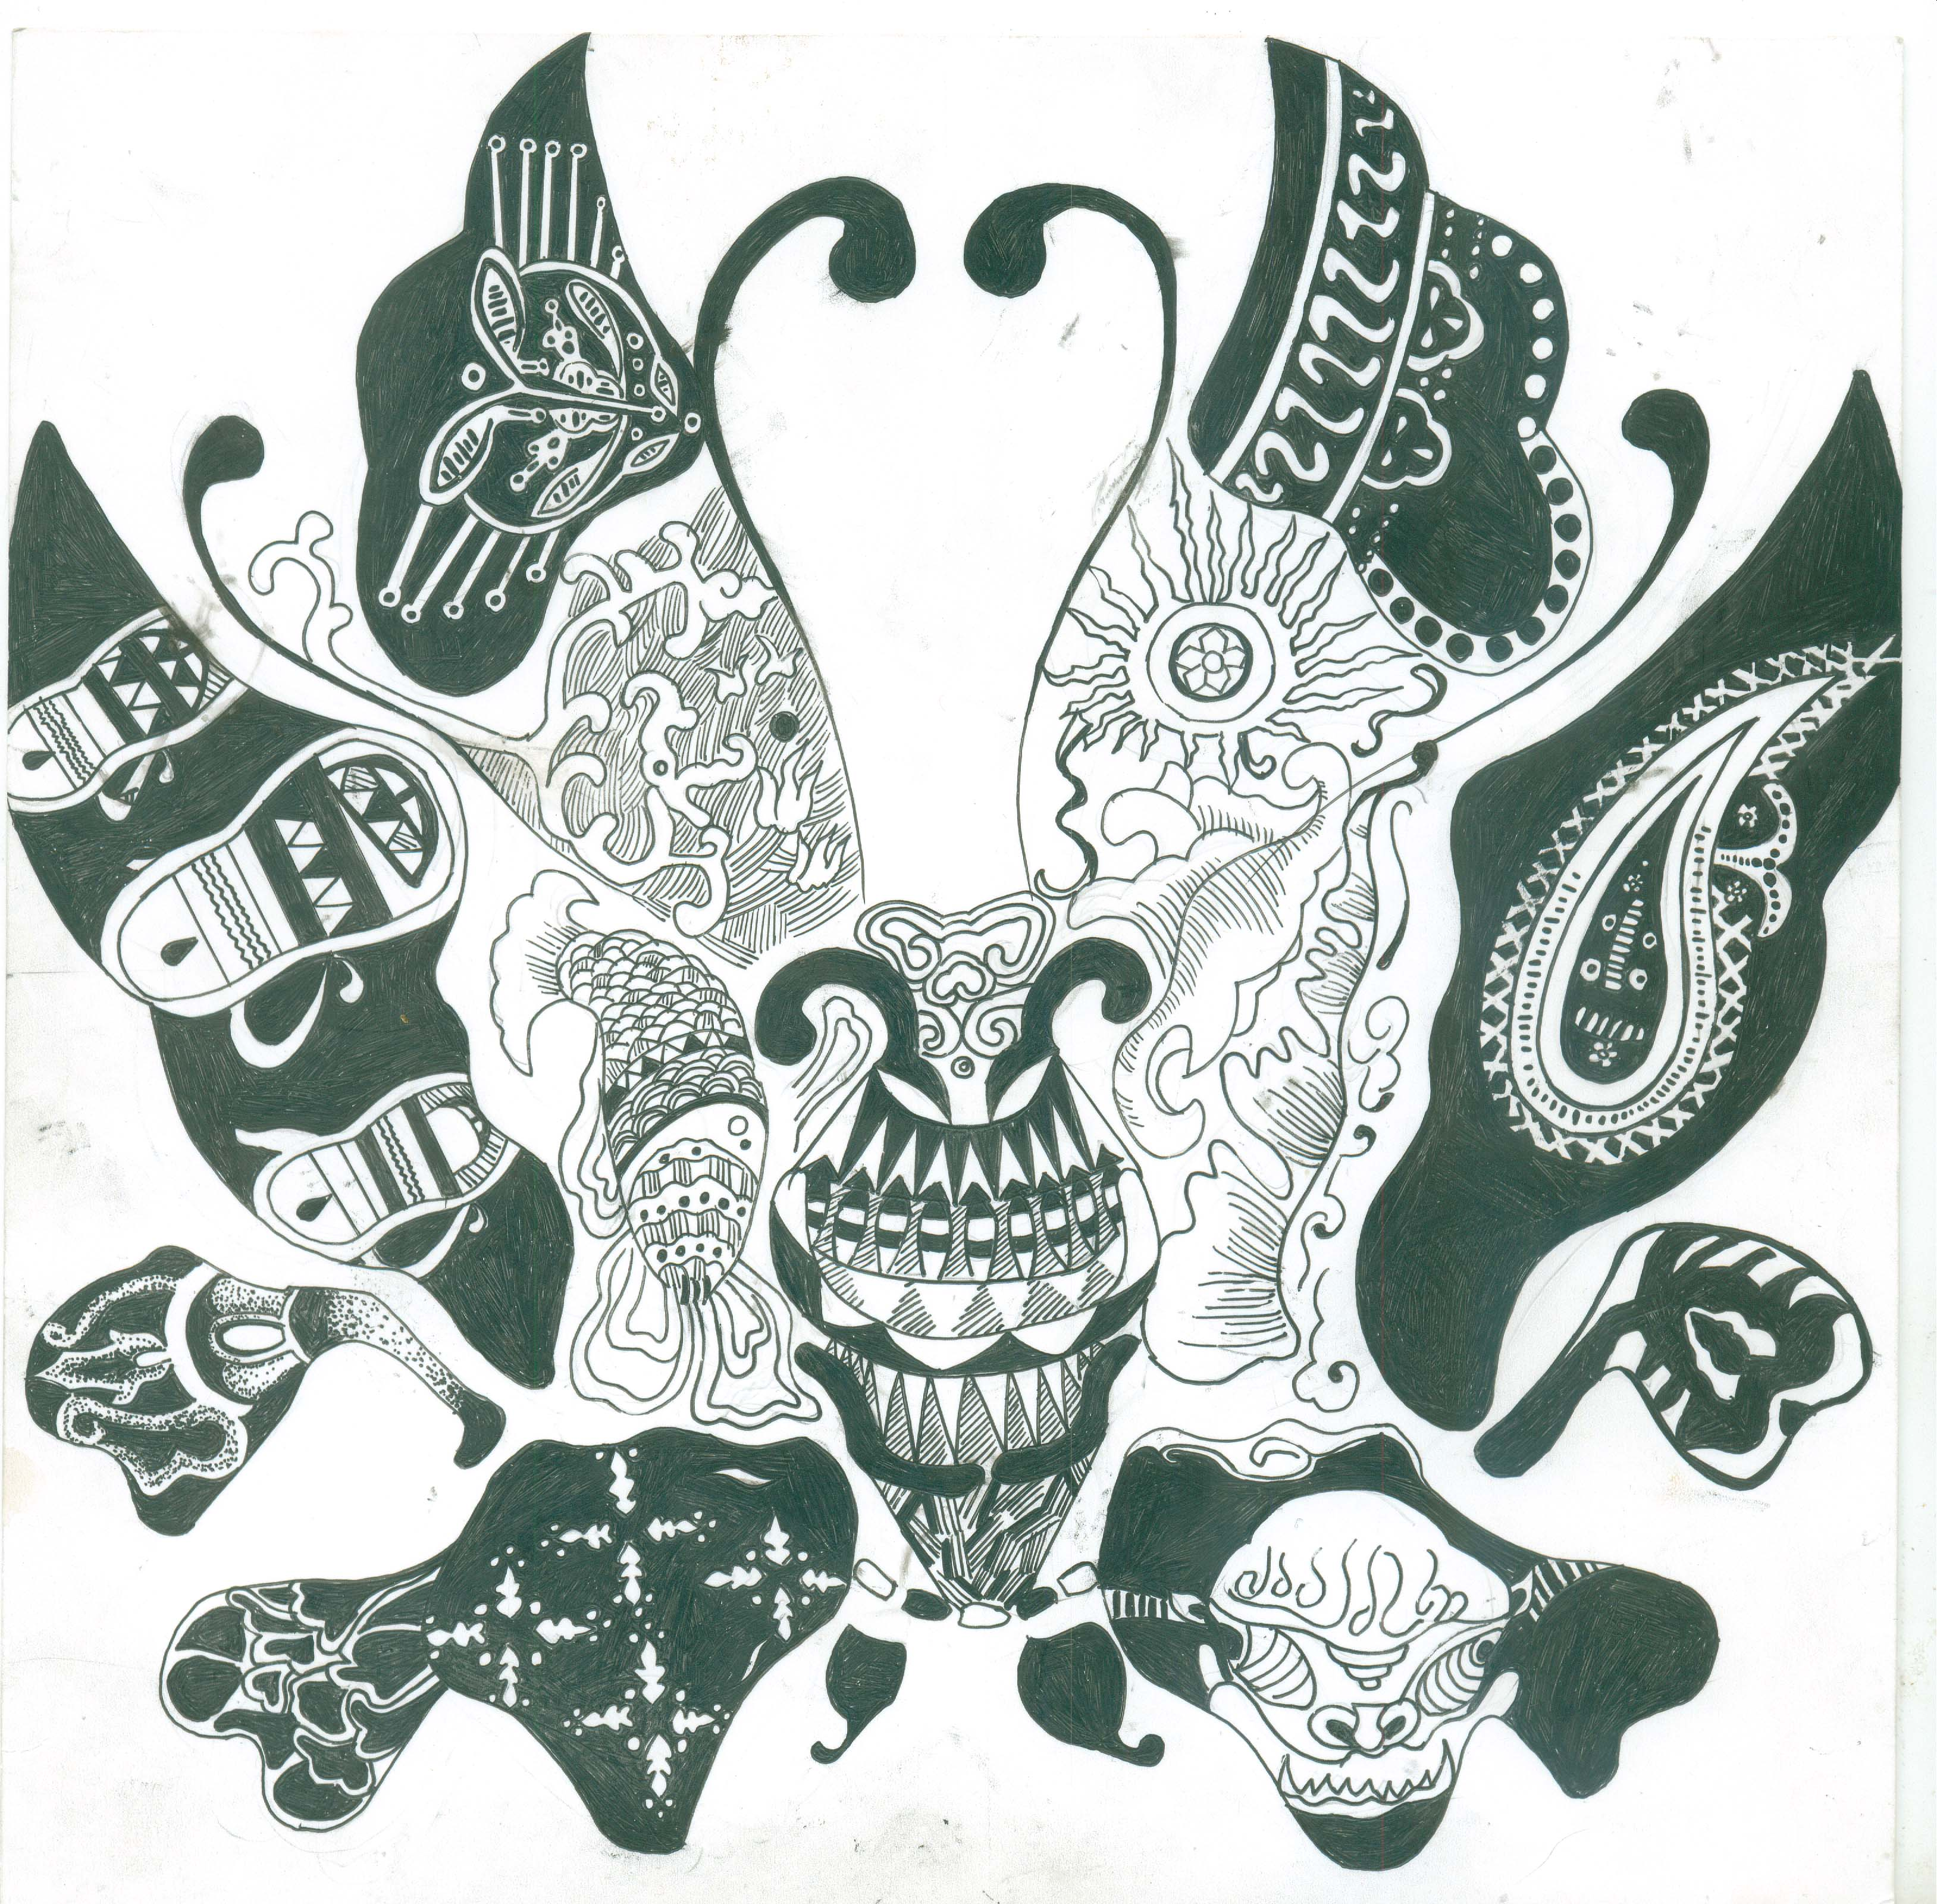 装饰图案 平面 平面其他 丘比特娜 - 原创作品 - 站酷